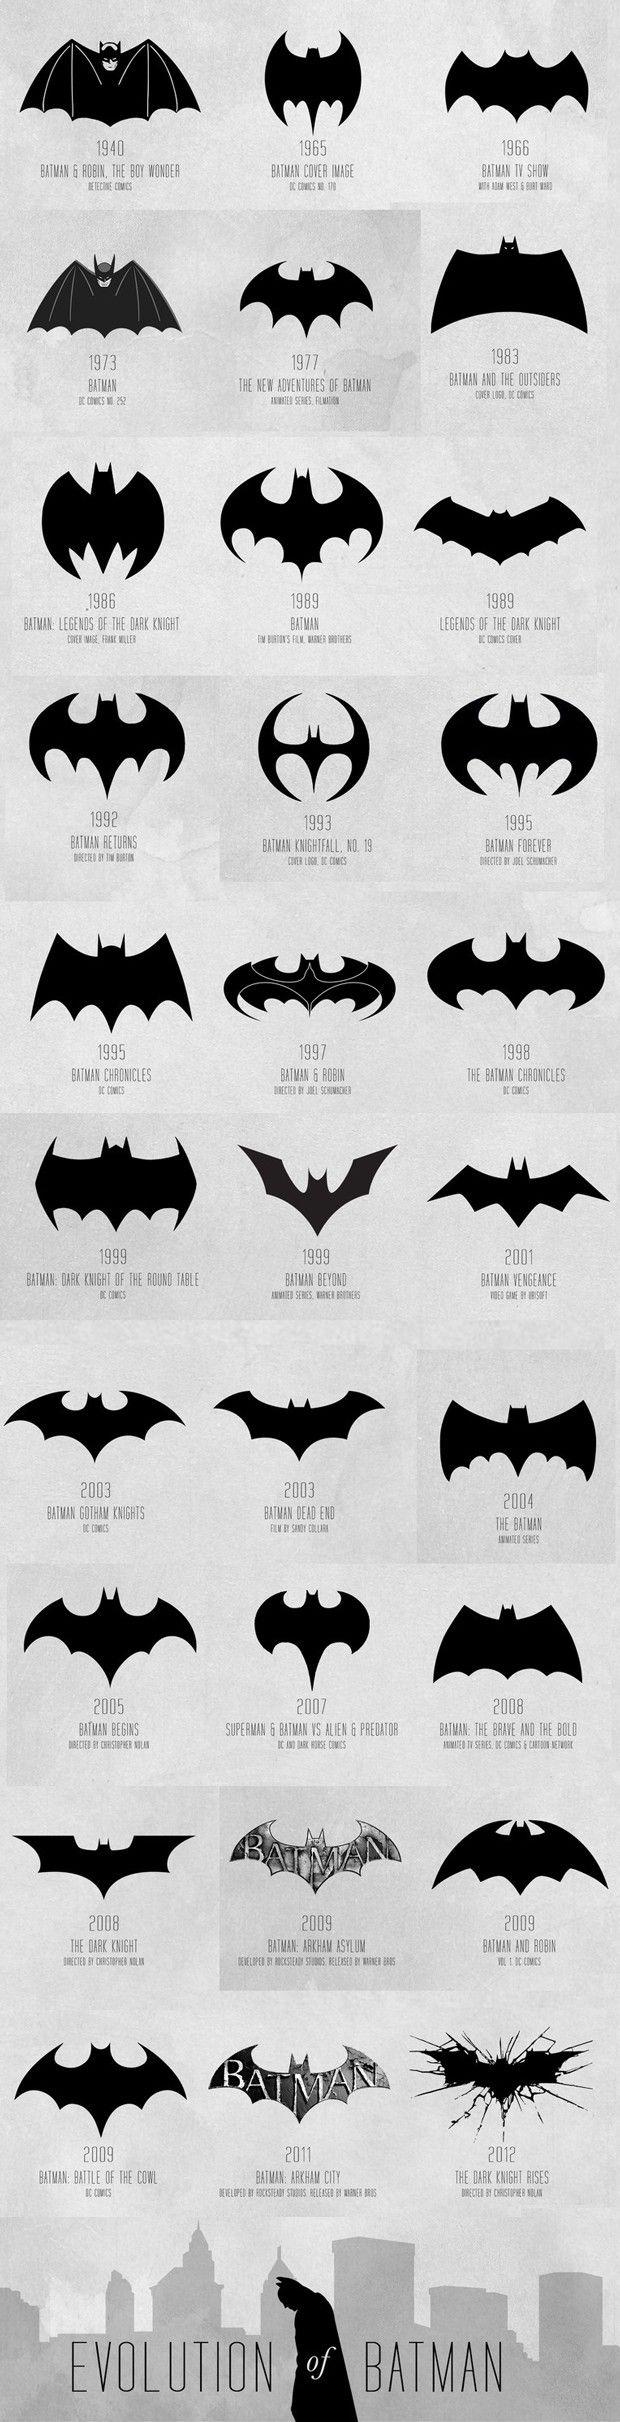 La evolución de los logos de Batman  Choosa.net                                                                                                                                                     More